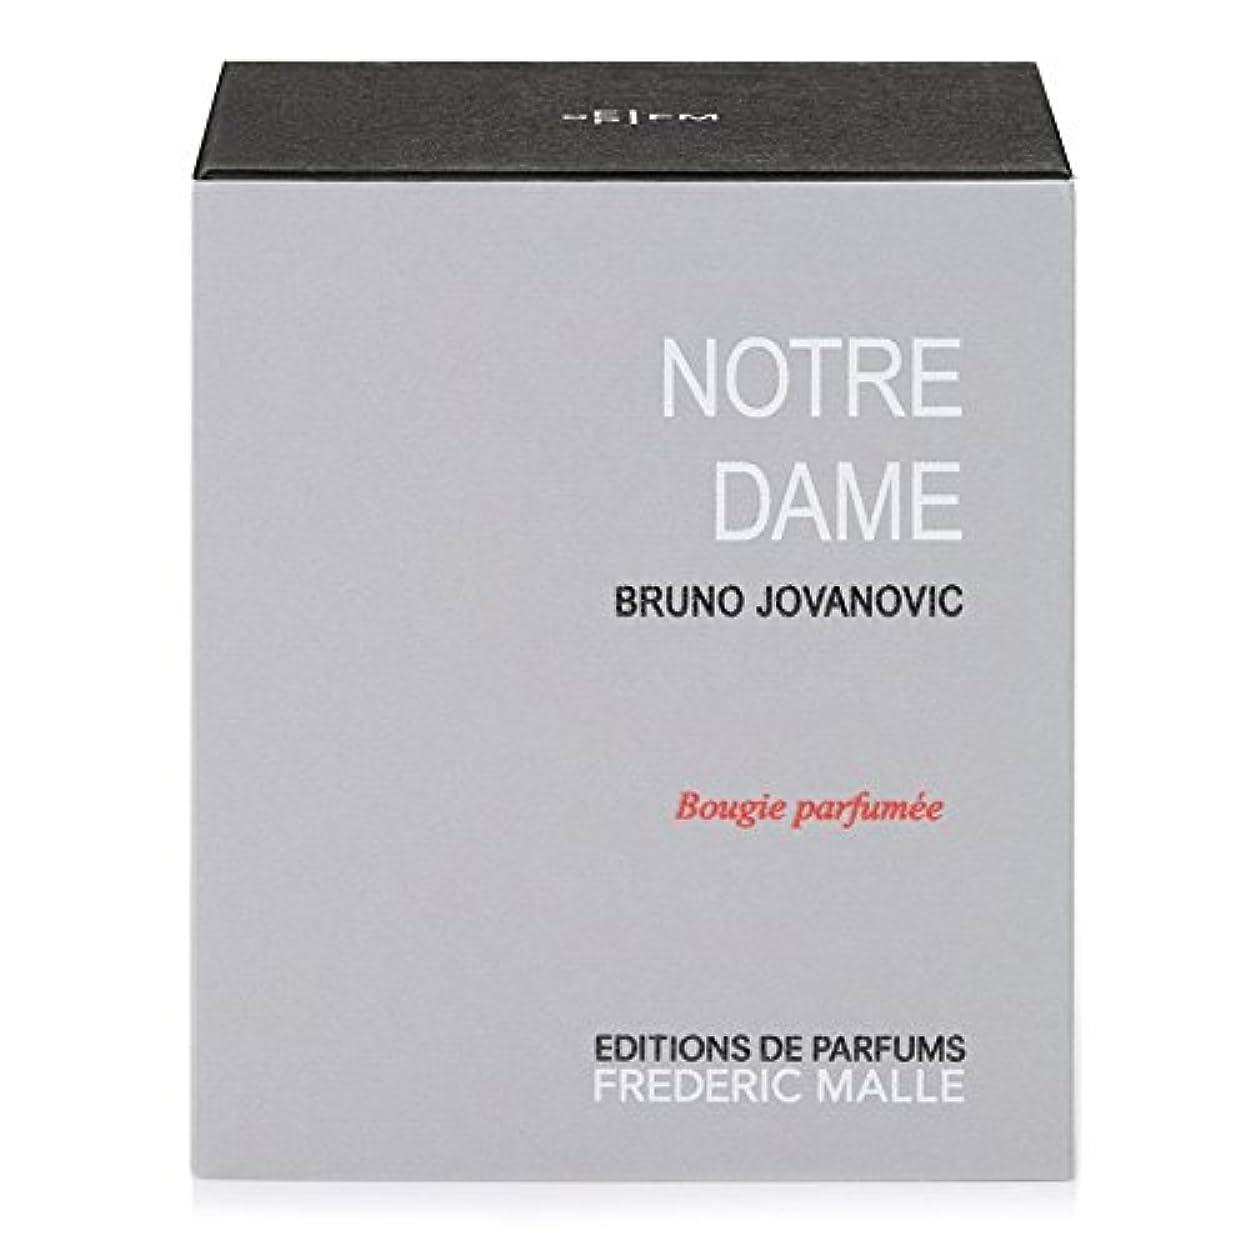 着飾る保証まっすぐFrederic Malle Notre Dame Scented Candle 220g (Pack of 4) - フレデリック?マルノートルダム香りのキャンドル220グラム x4 [並行輸入品]